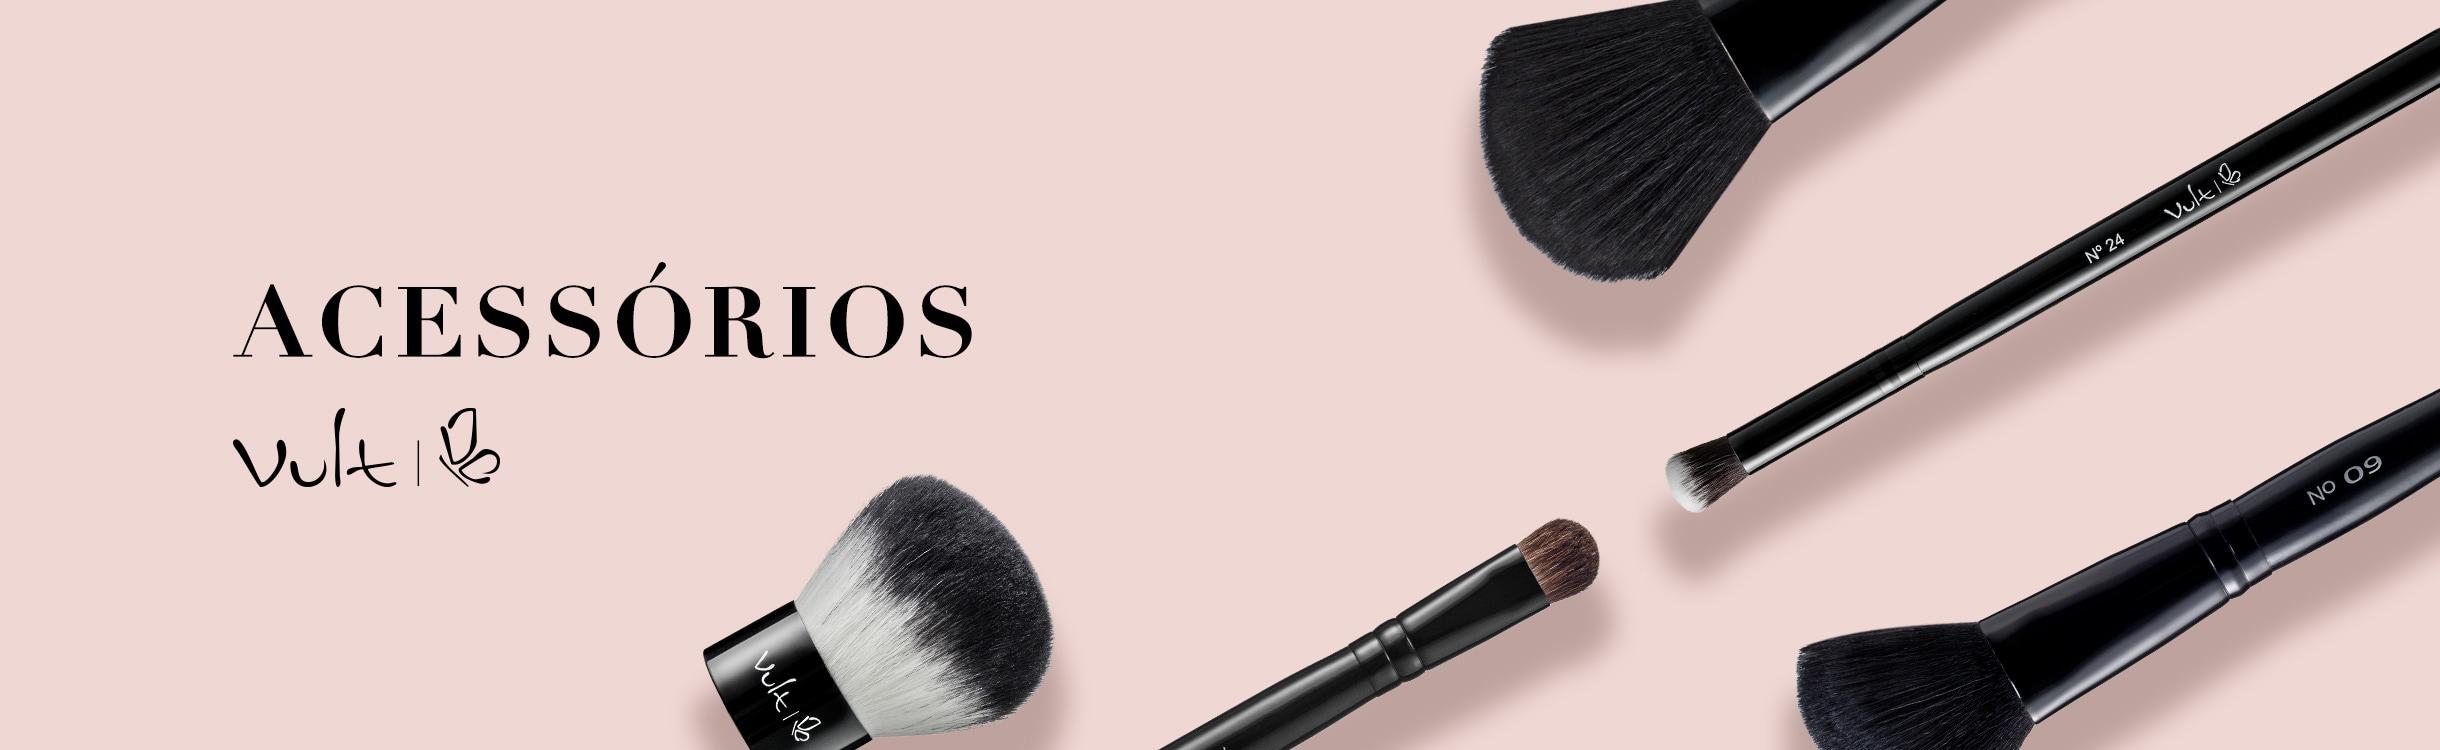 Acessórios para Maquiagem Vult